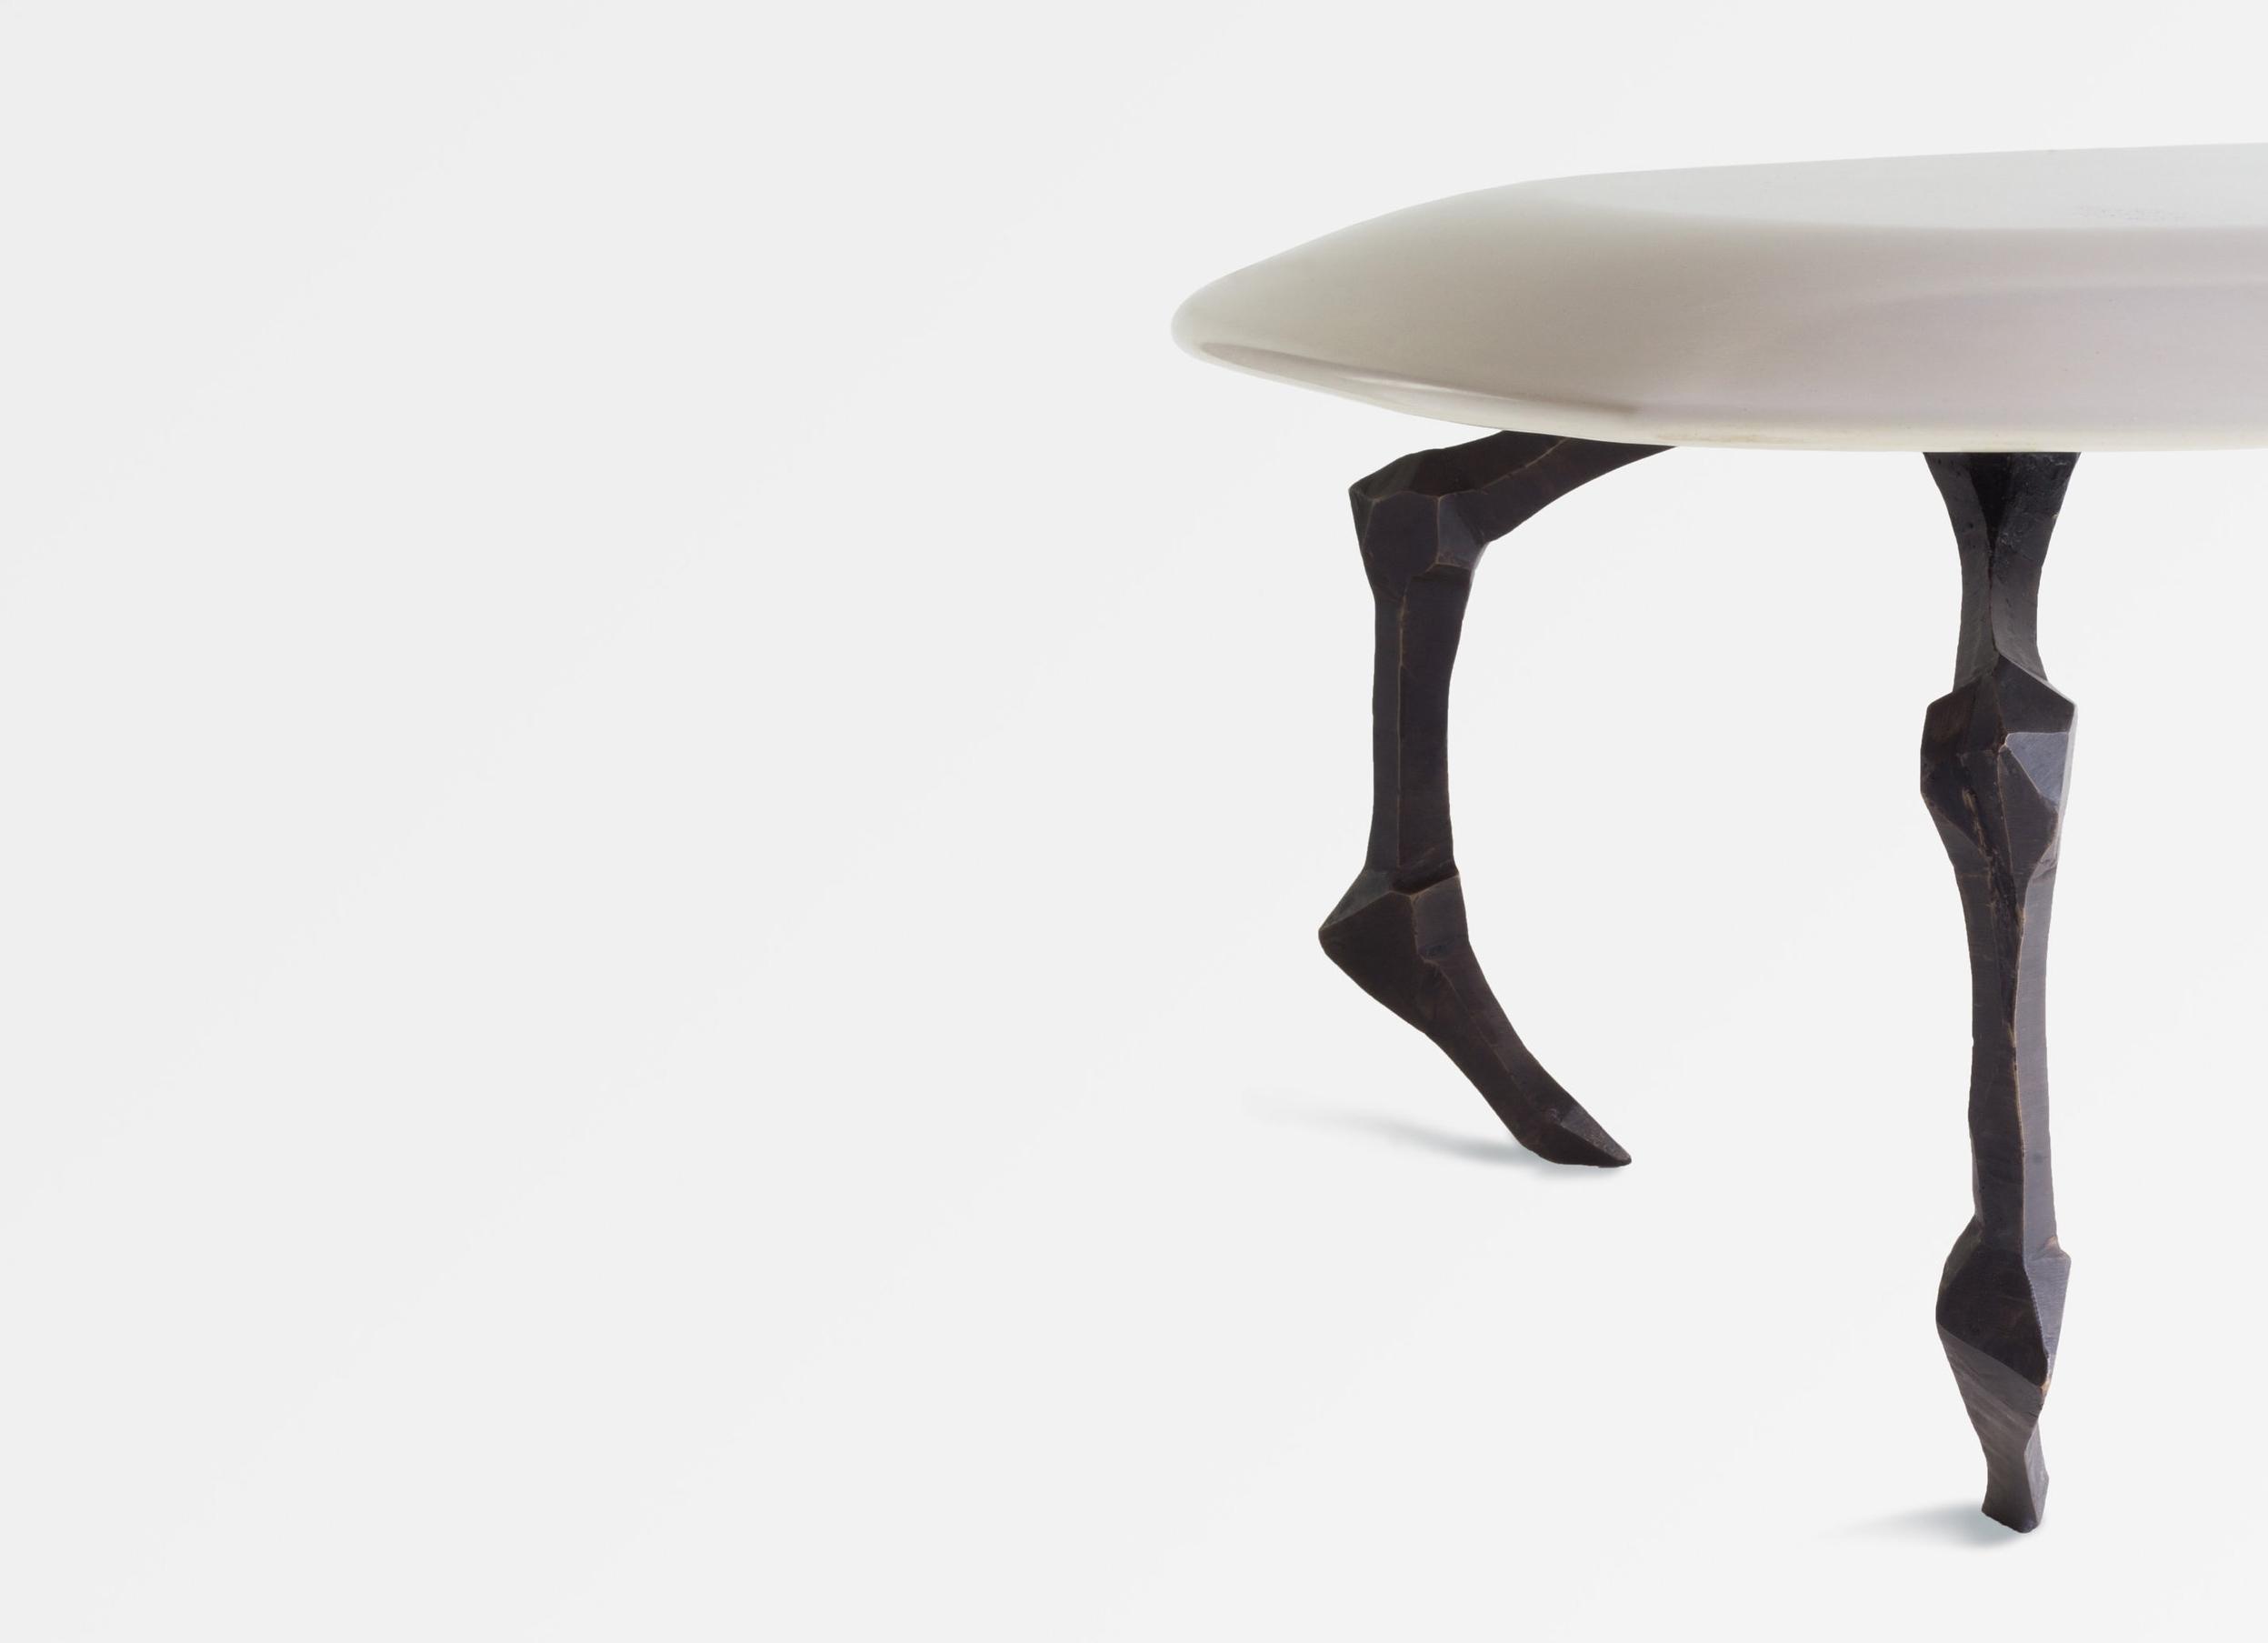 JAK-Creature-Tables-retouch-041-071-June-2018-3.jpg